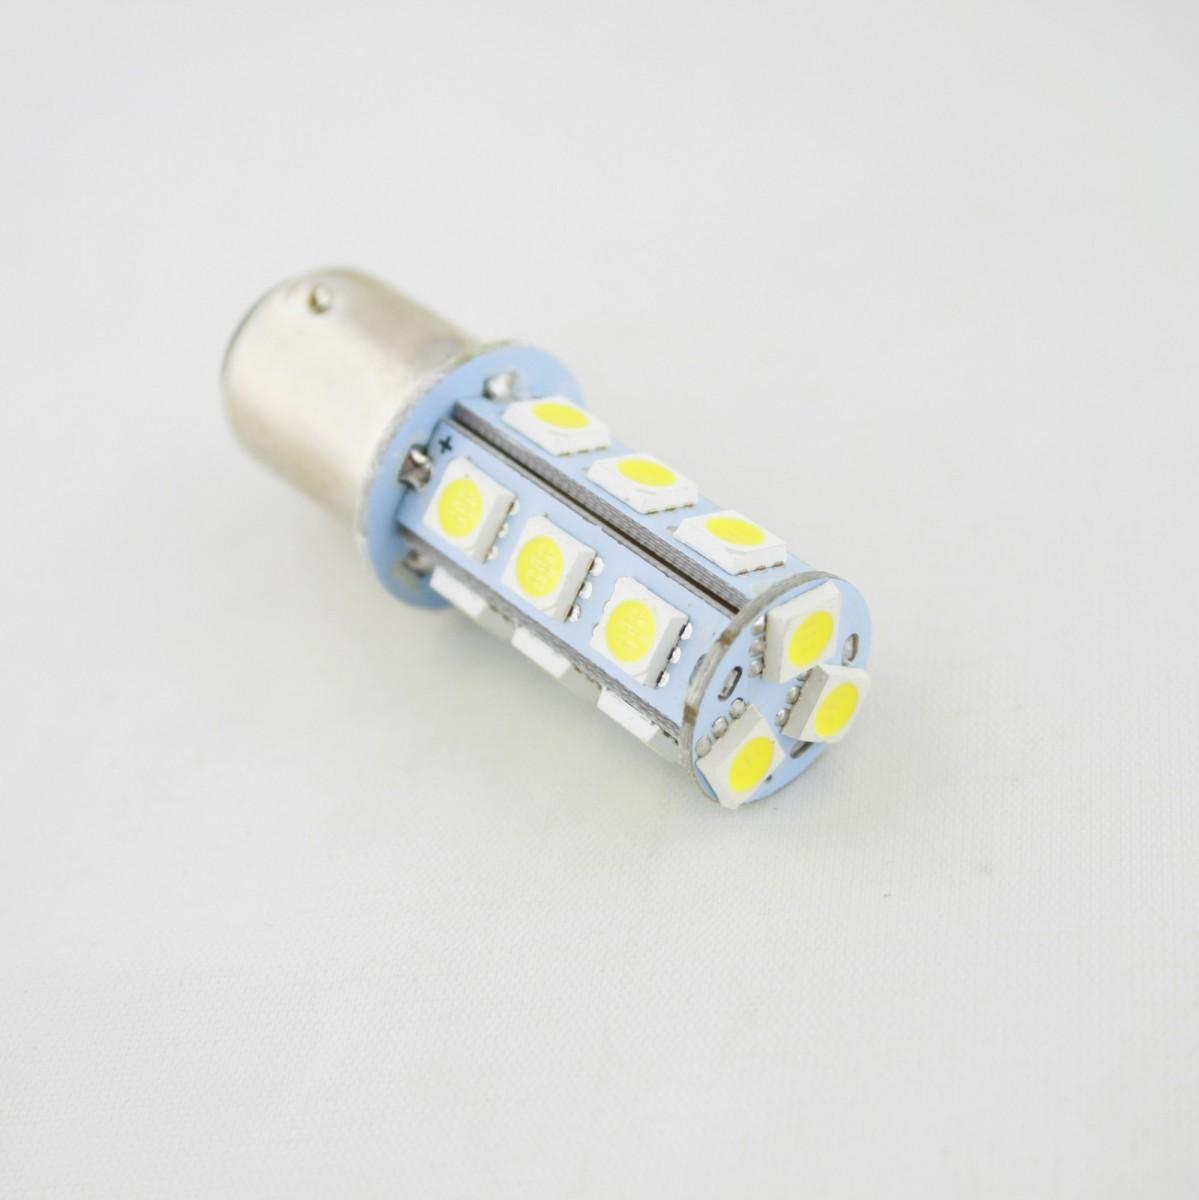 Светодиодная лампа CP (BAY15d) 2-контактная (габариты+стоп) 18SMD 5050